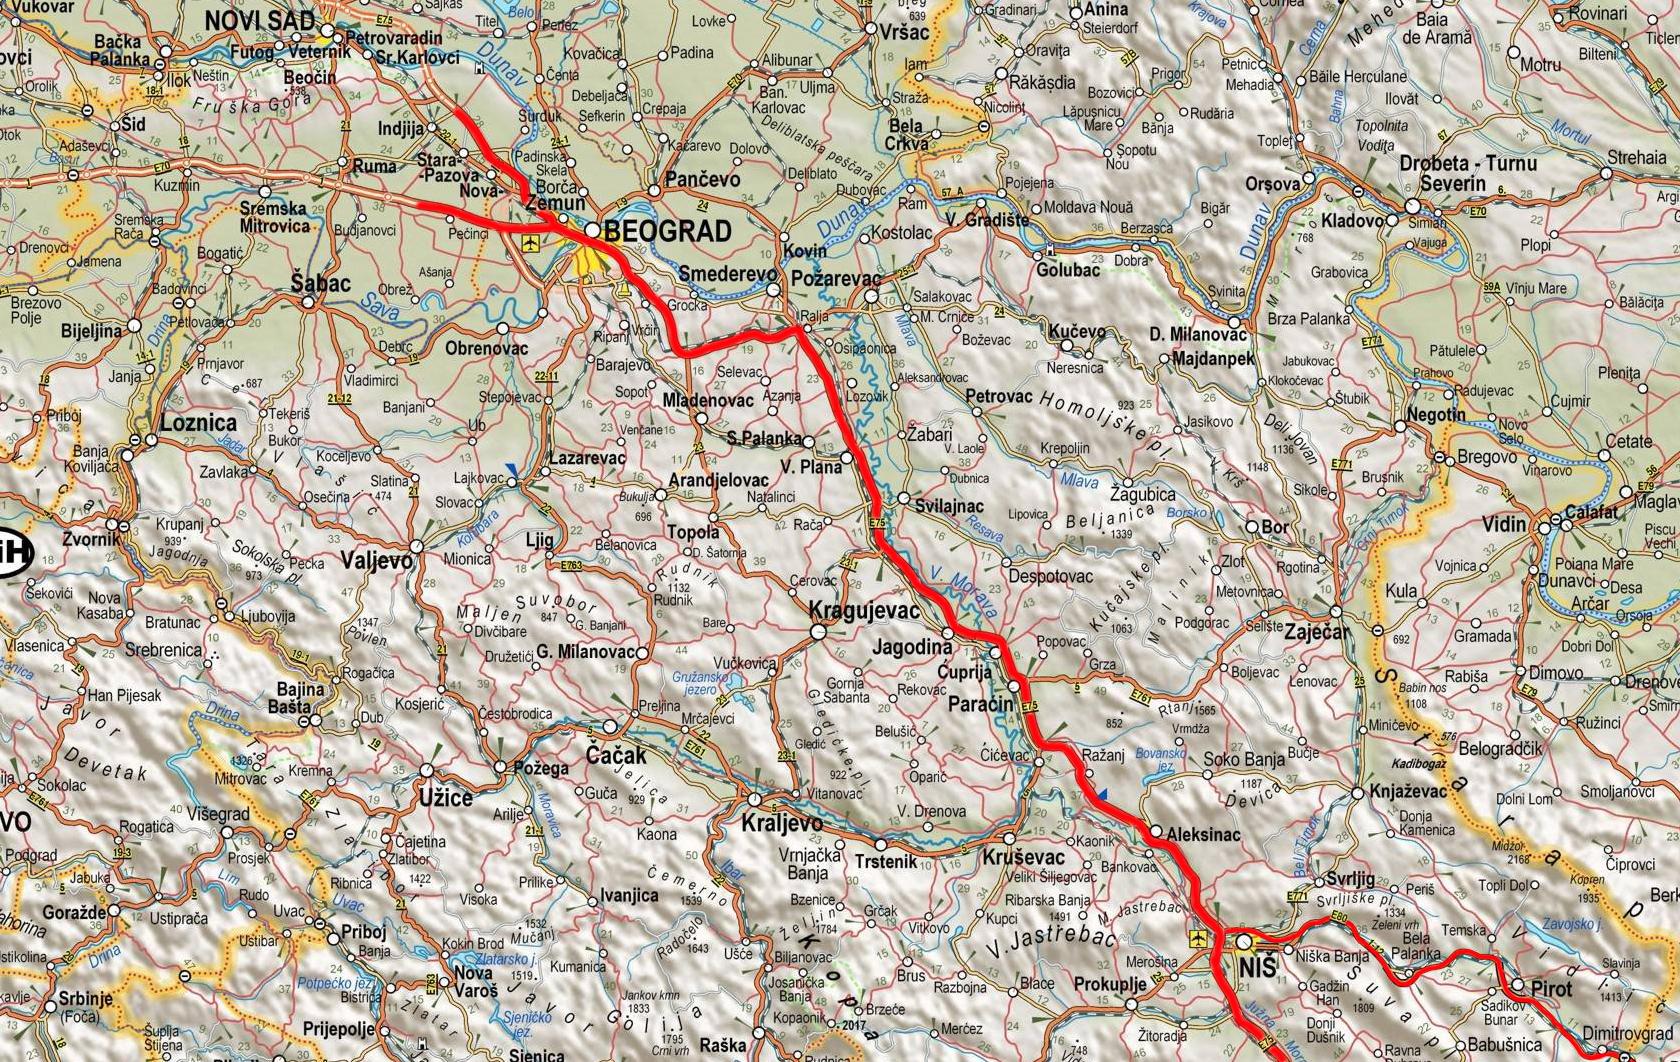 srbija nis mapa Omladinac elektro | Contact srbija nis mapa